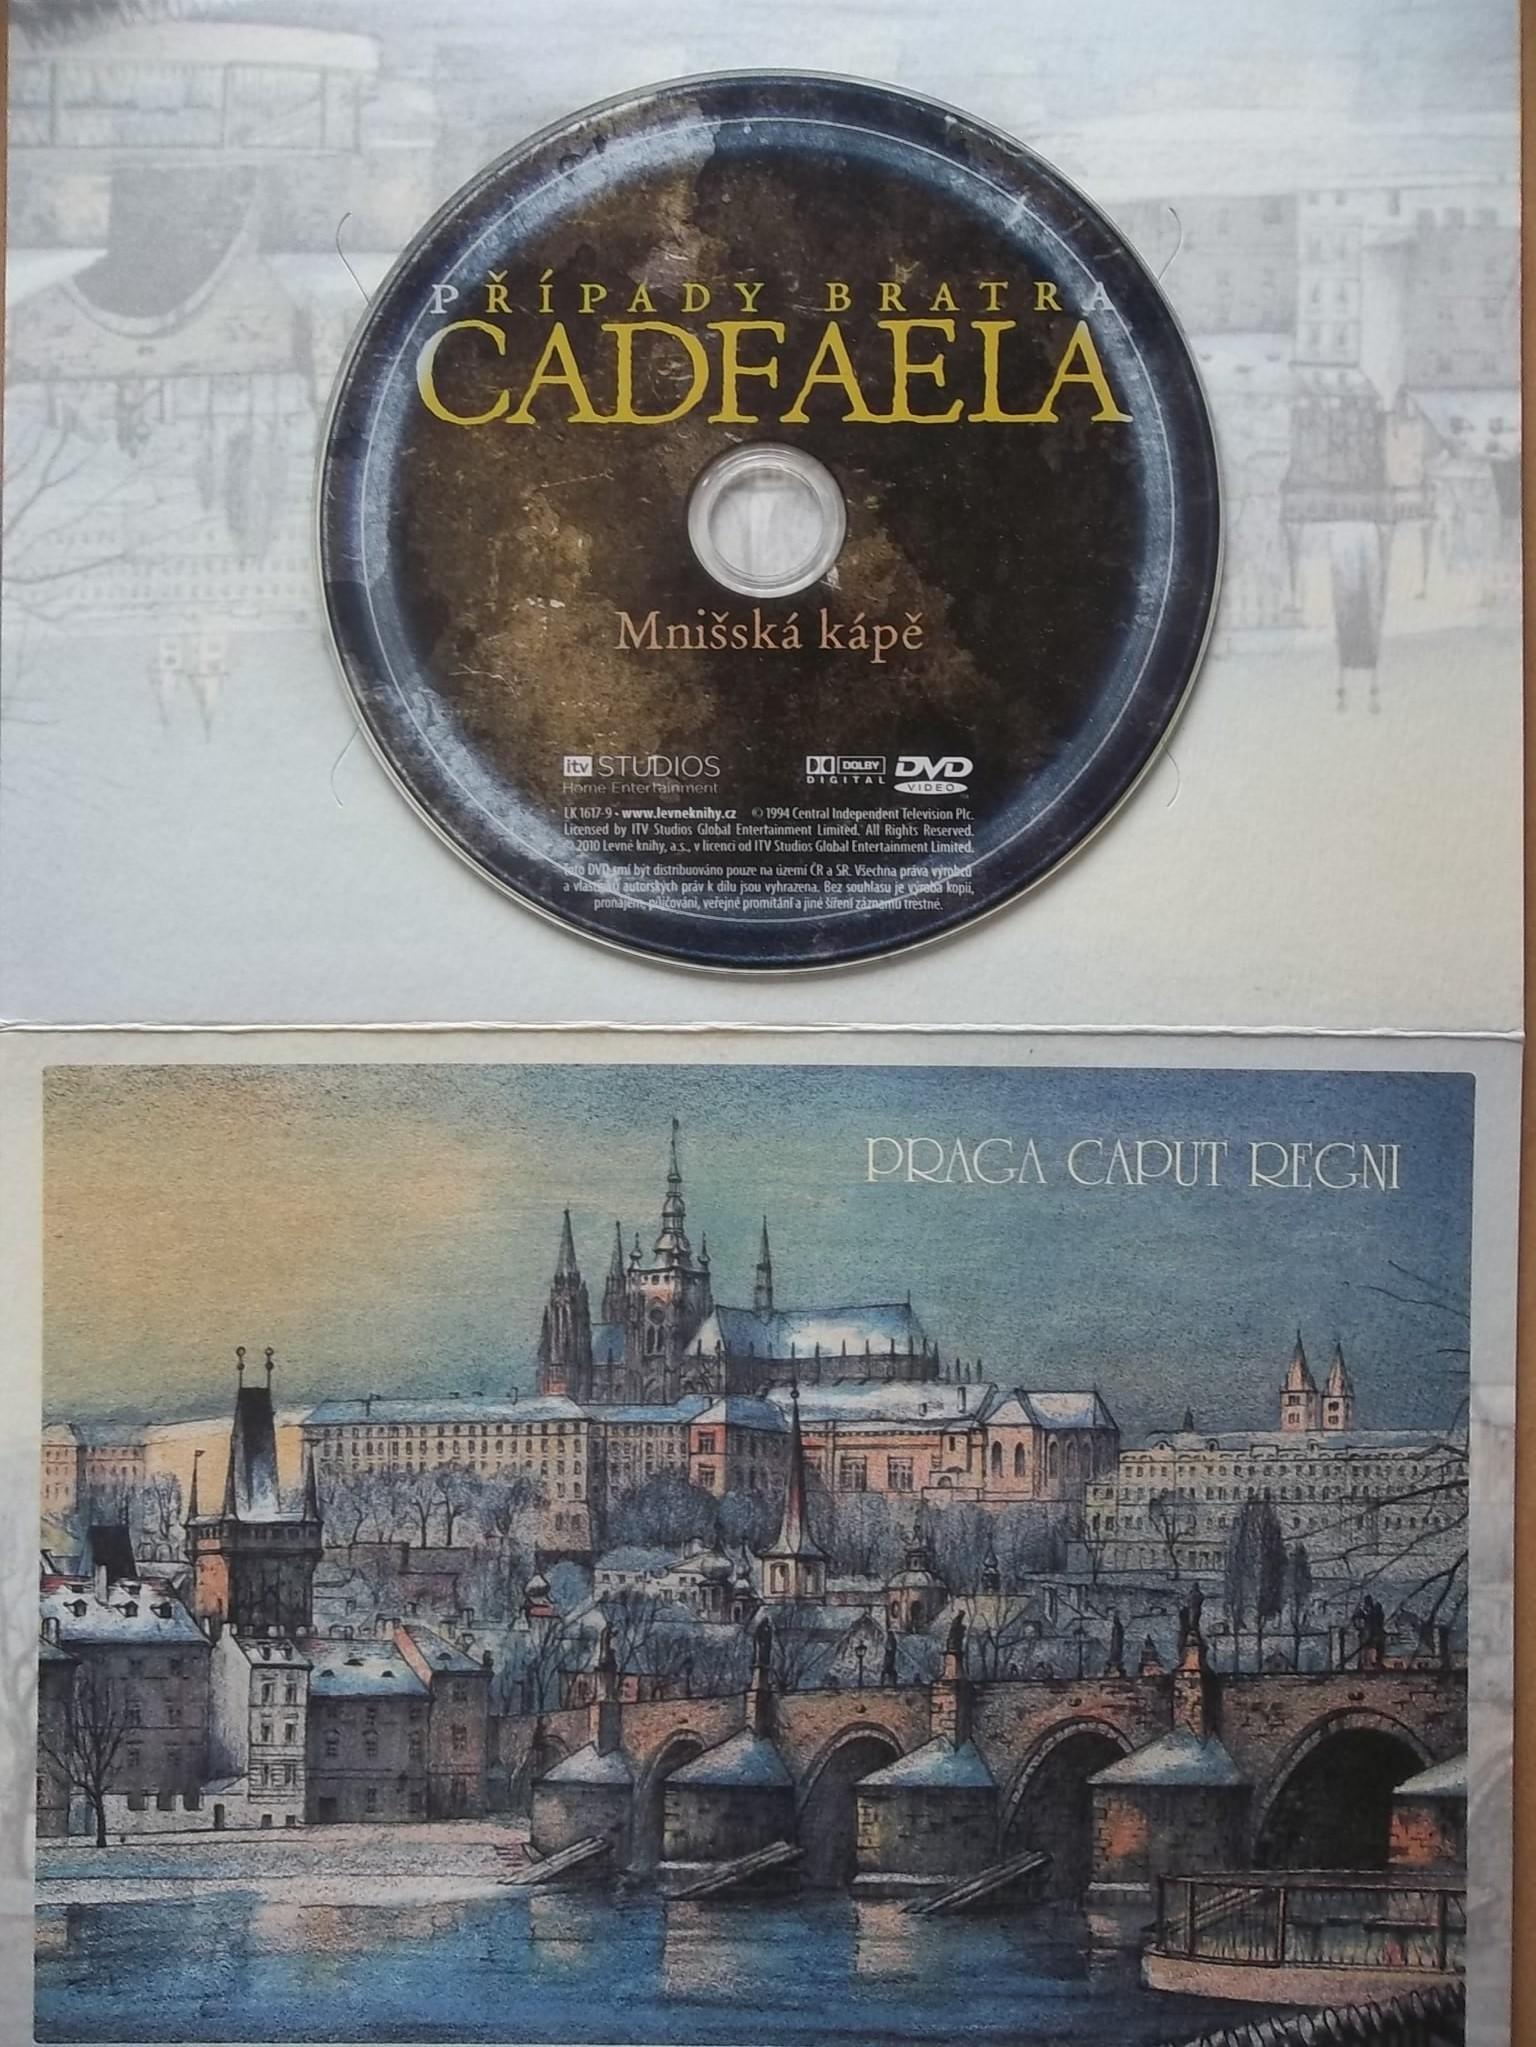 Případy bratra Cadfaela - Mnišská kápě - (dárková obálka - bazarové zboží) DVD